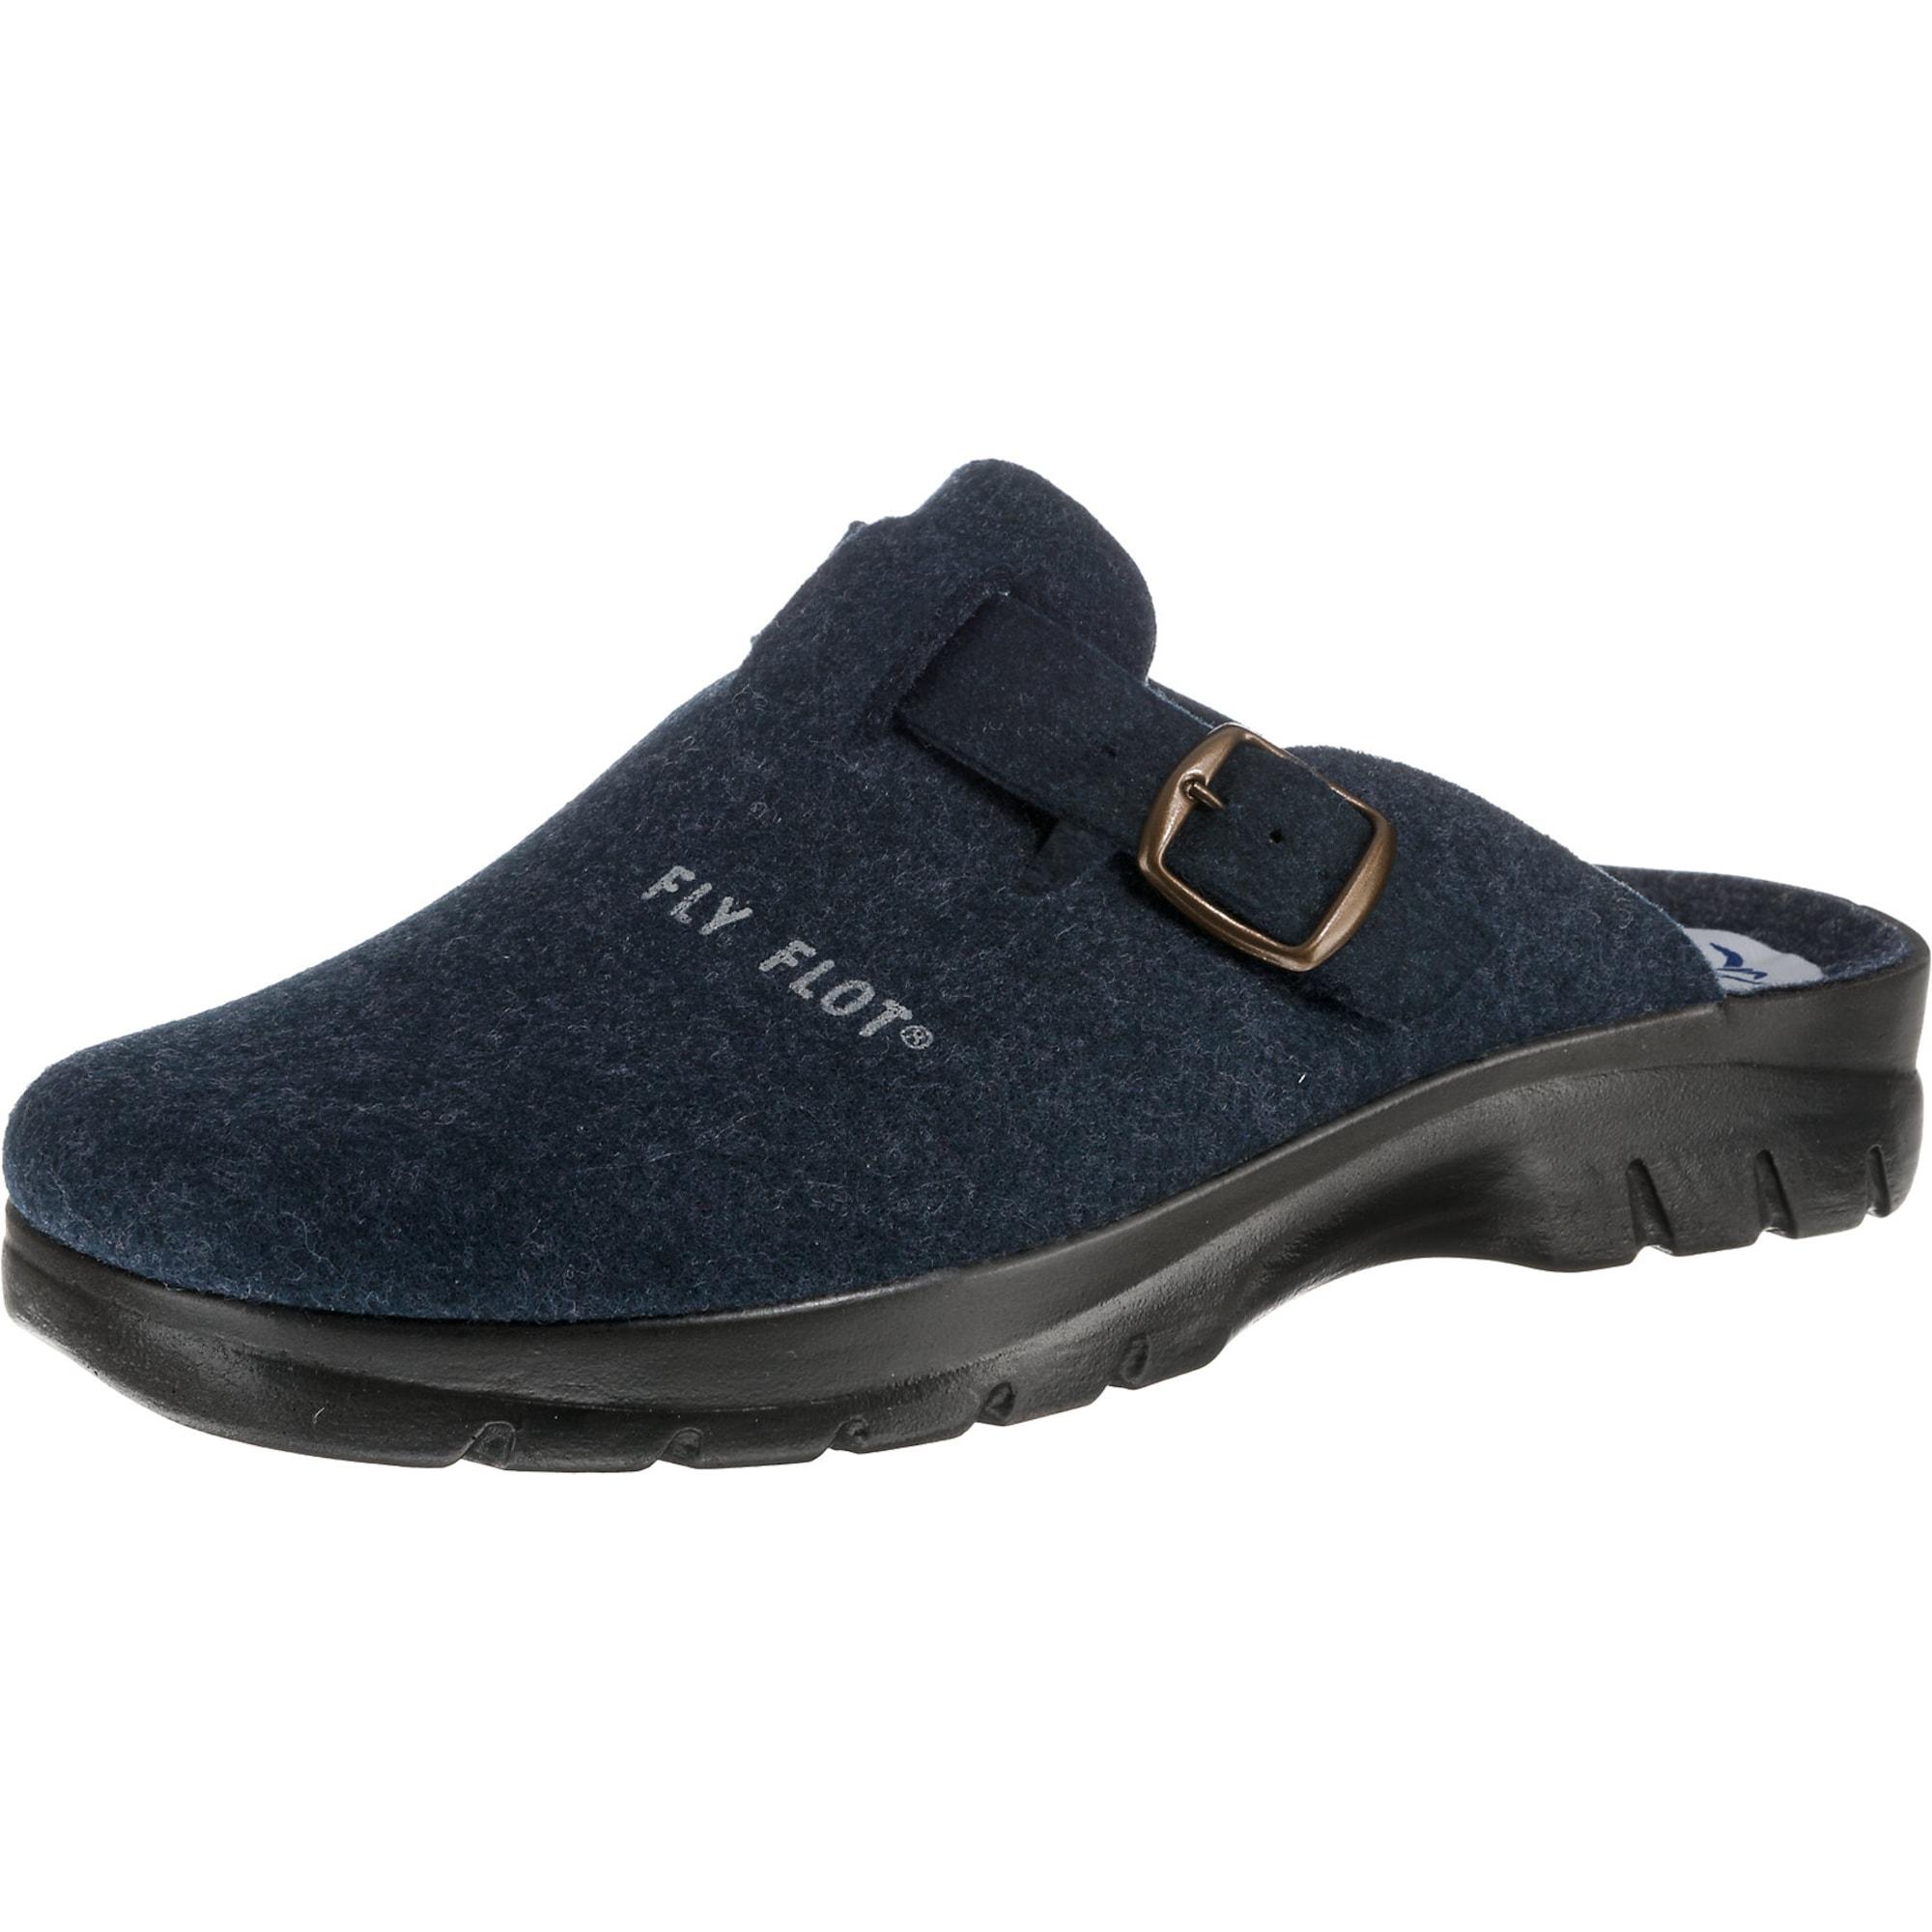 Pantoffeln | Schuhe > Hausschuhe > Pantoffeln | Blau | FLY FLOT